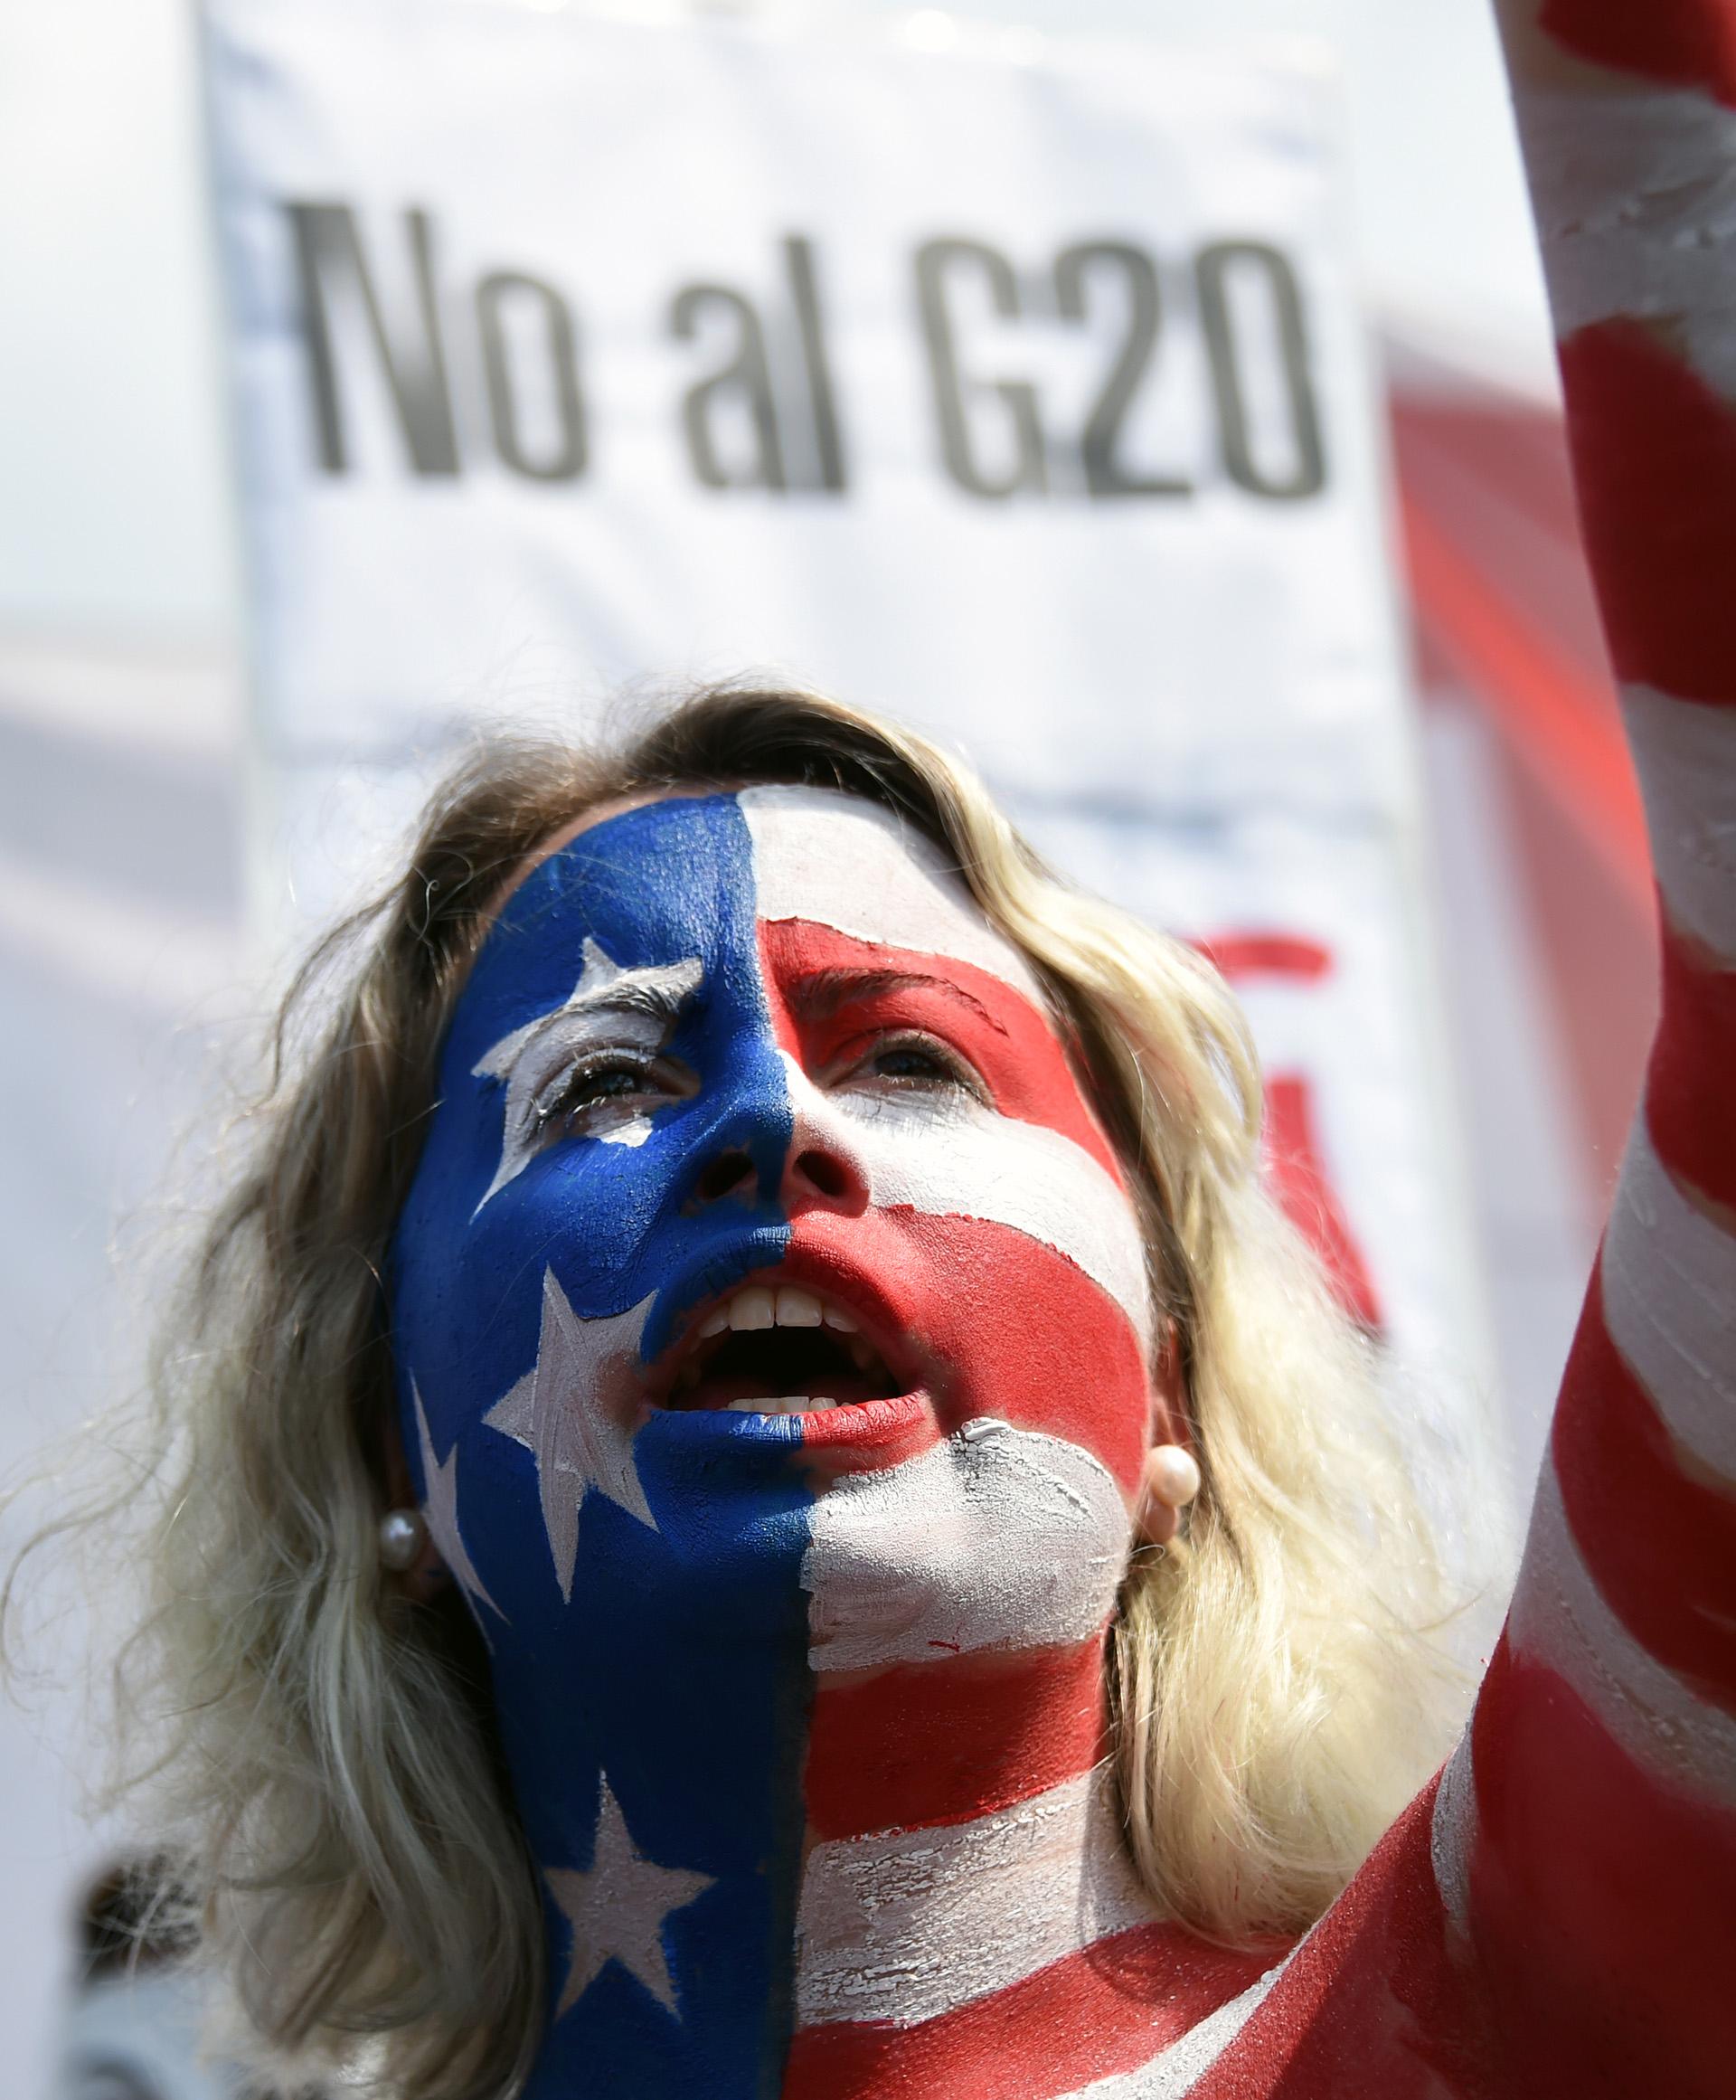 Una joven se pintó con los colores de la bandera de los Estados Unidos